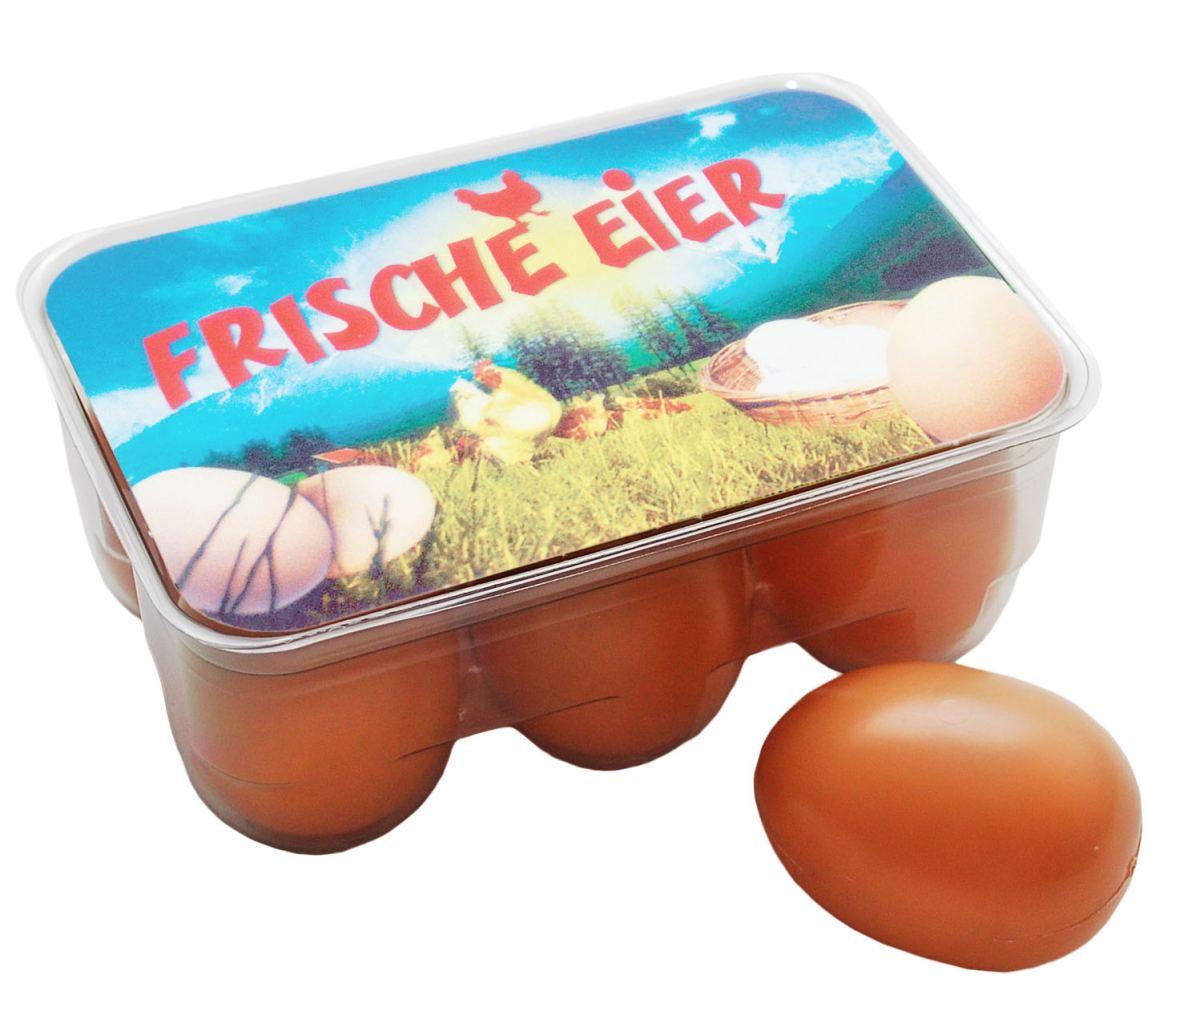 Kinder-Eierbox! Kaufladenzubehör | Holz Spielzeug Peitz